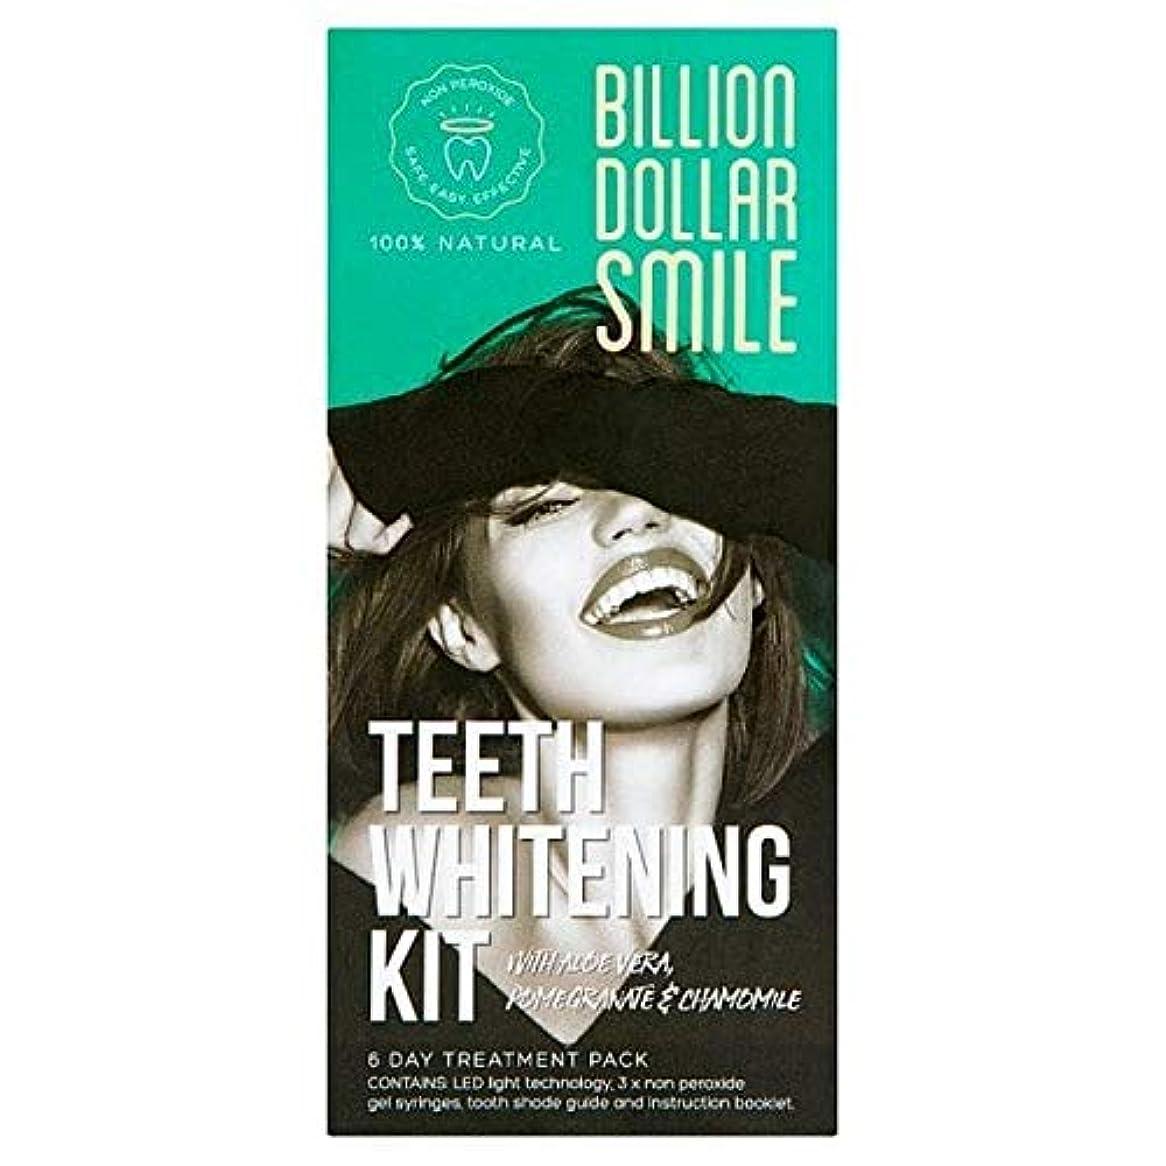 用語集錫アナリスト[Billion Dollar Smile ] キットを白く億ドルの笑顔歯 - Billion Dollar Smile Teeth Whitening Kit [並行輸入品]